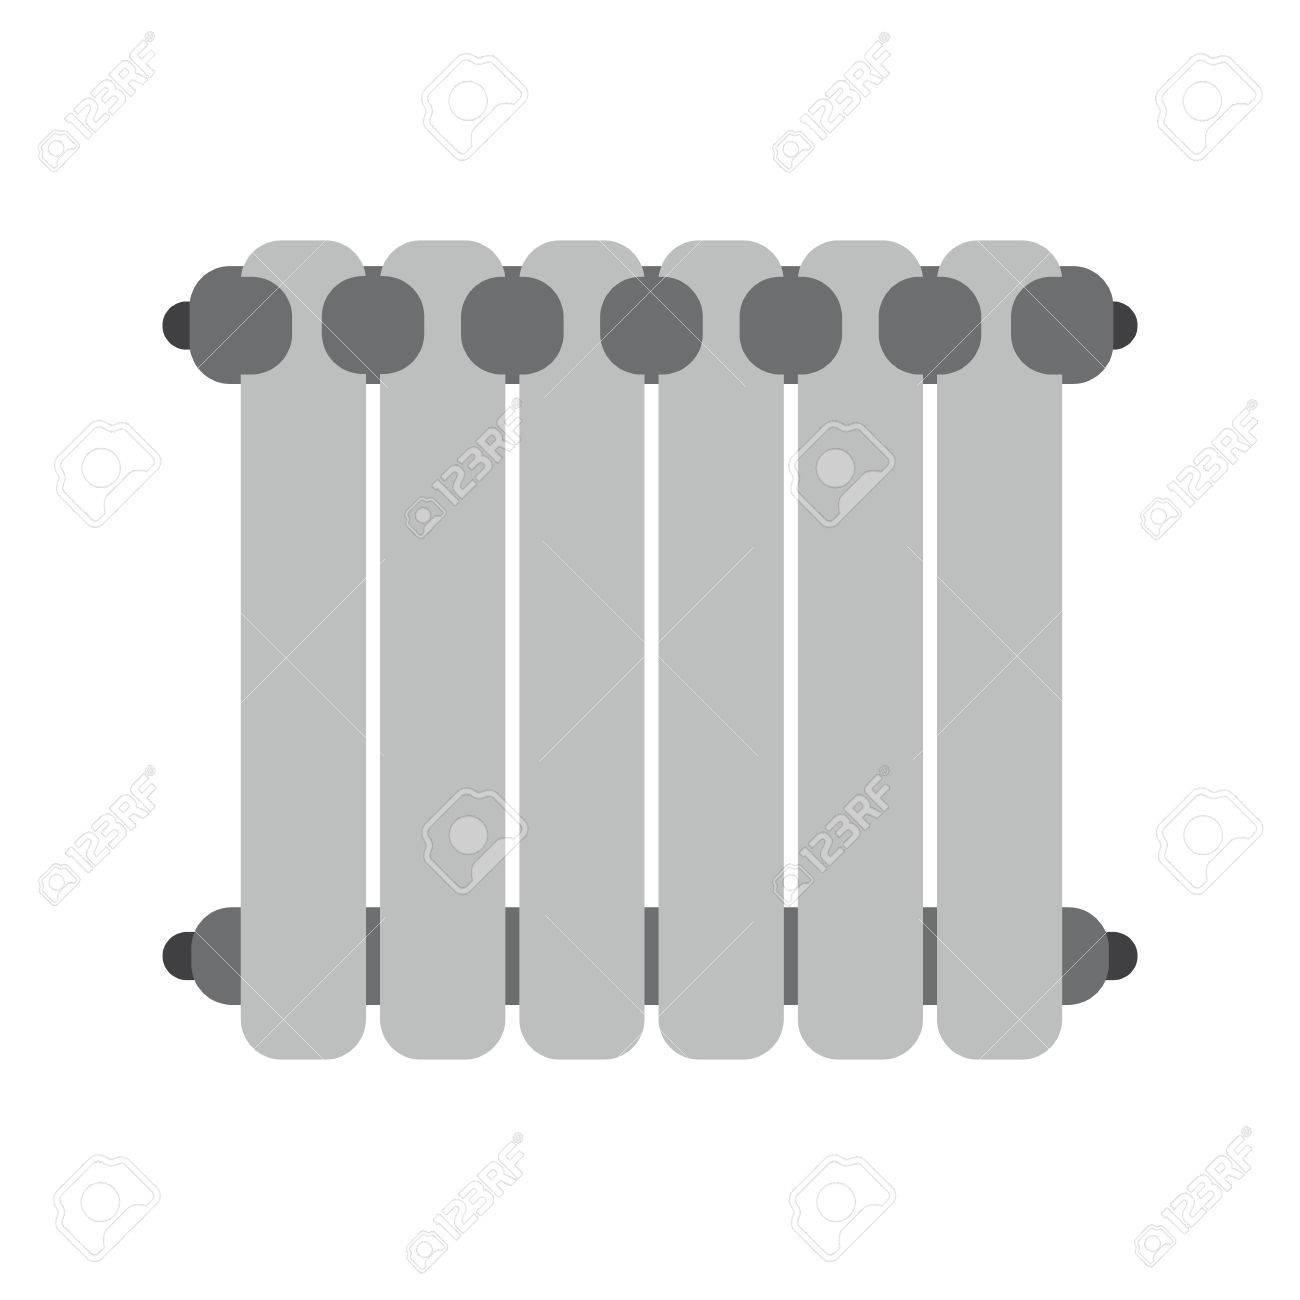 Full Size of Heizkörper Flach Heizkrper Symbol Lizenzfrei Nutzbare Vektorgrafiken Bett Bad Für Wohnzimmer Elektroheizkörper Flachdach Fenster Wohnzimmer Heizkörper Flach